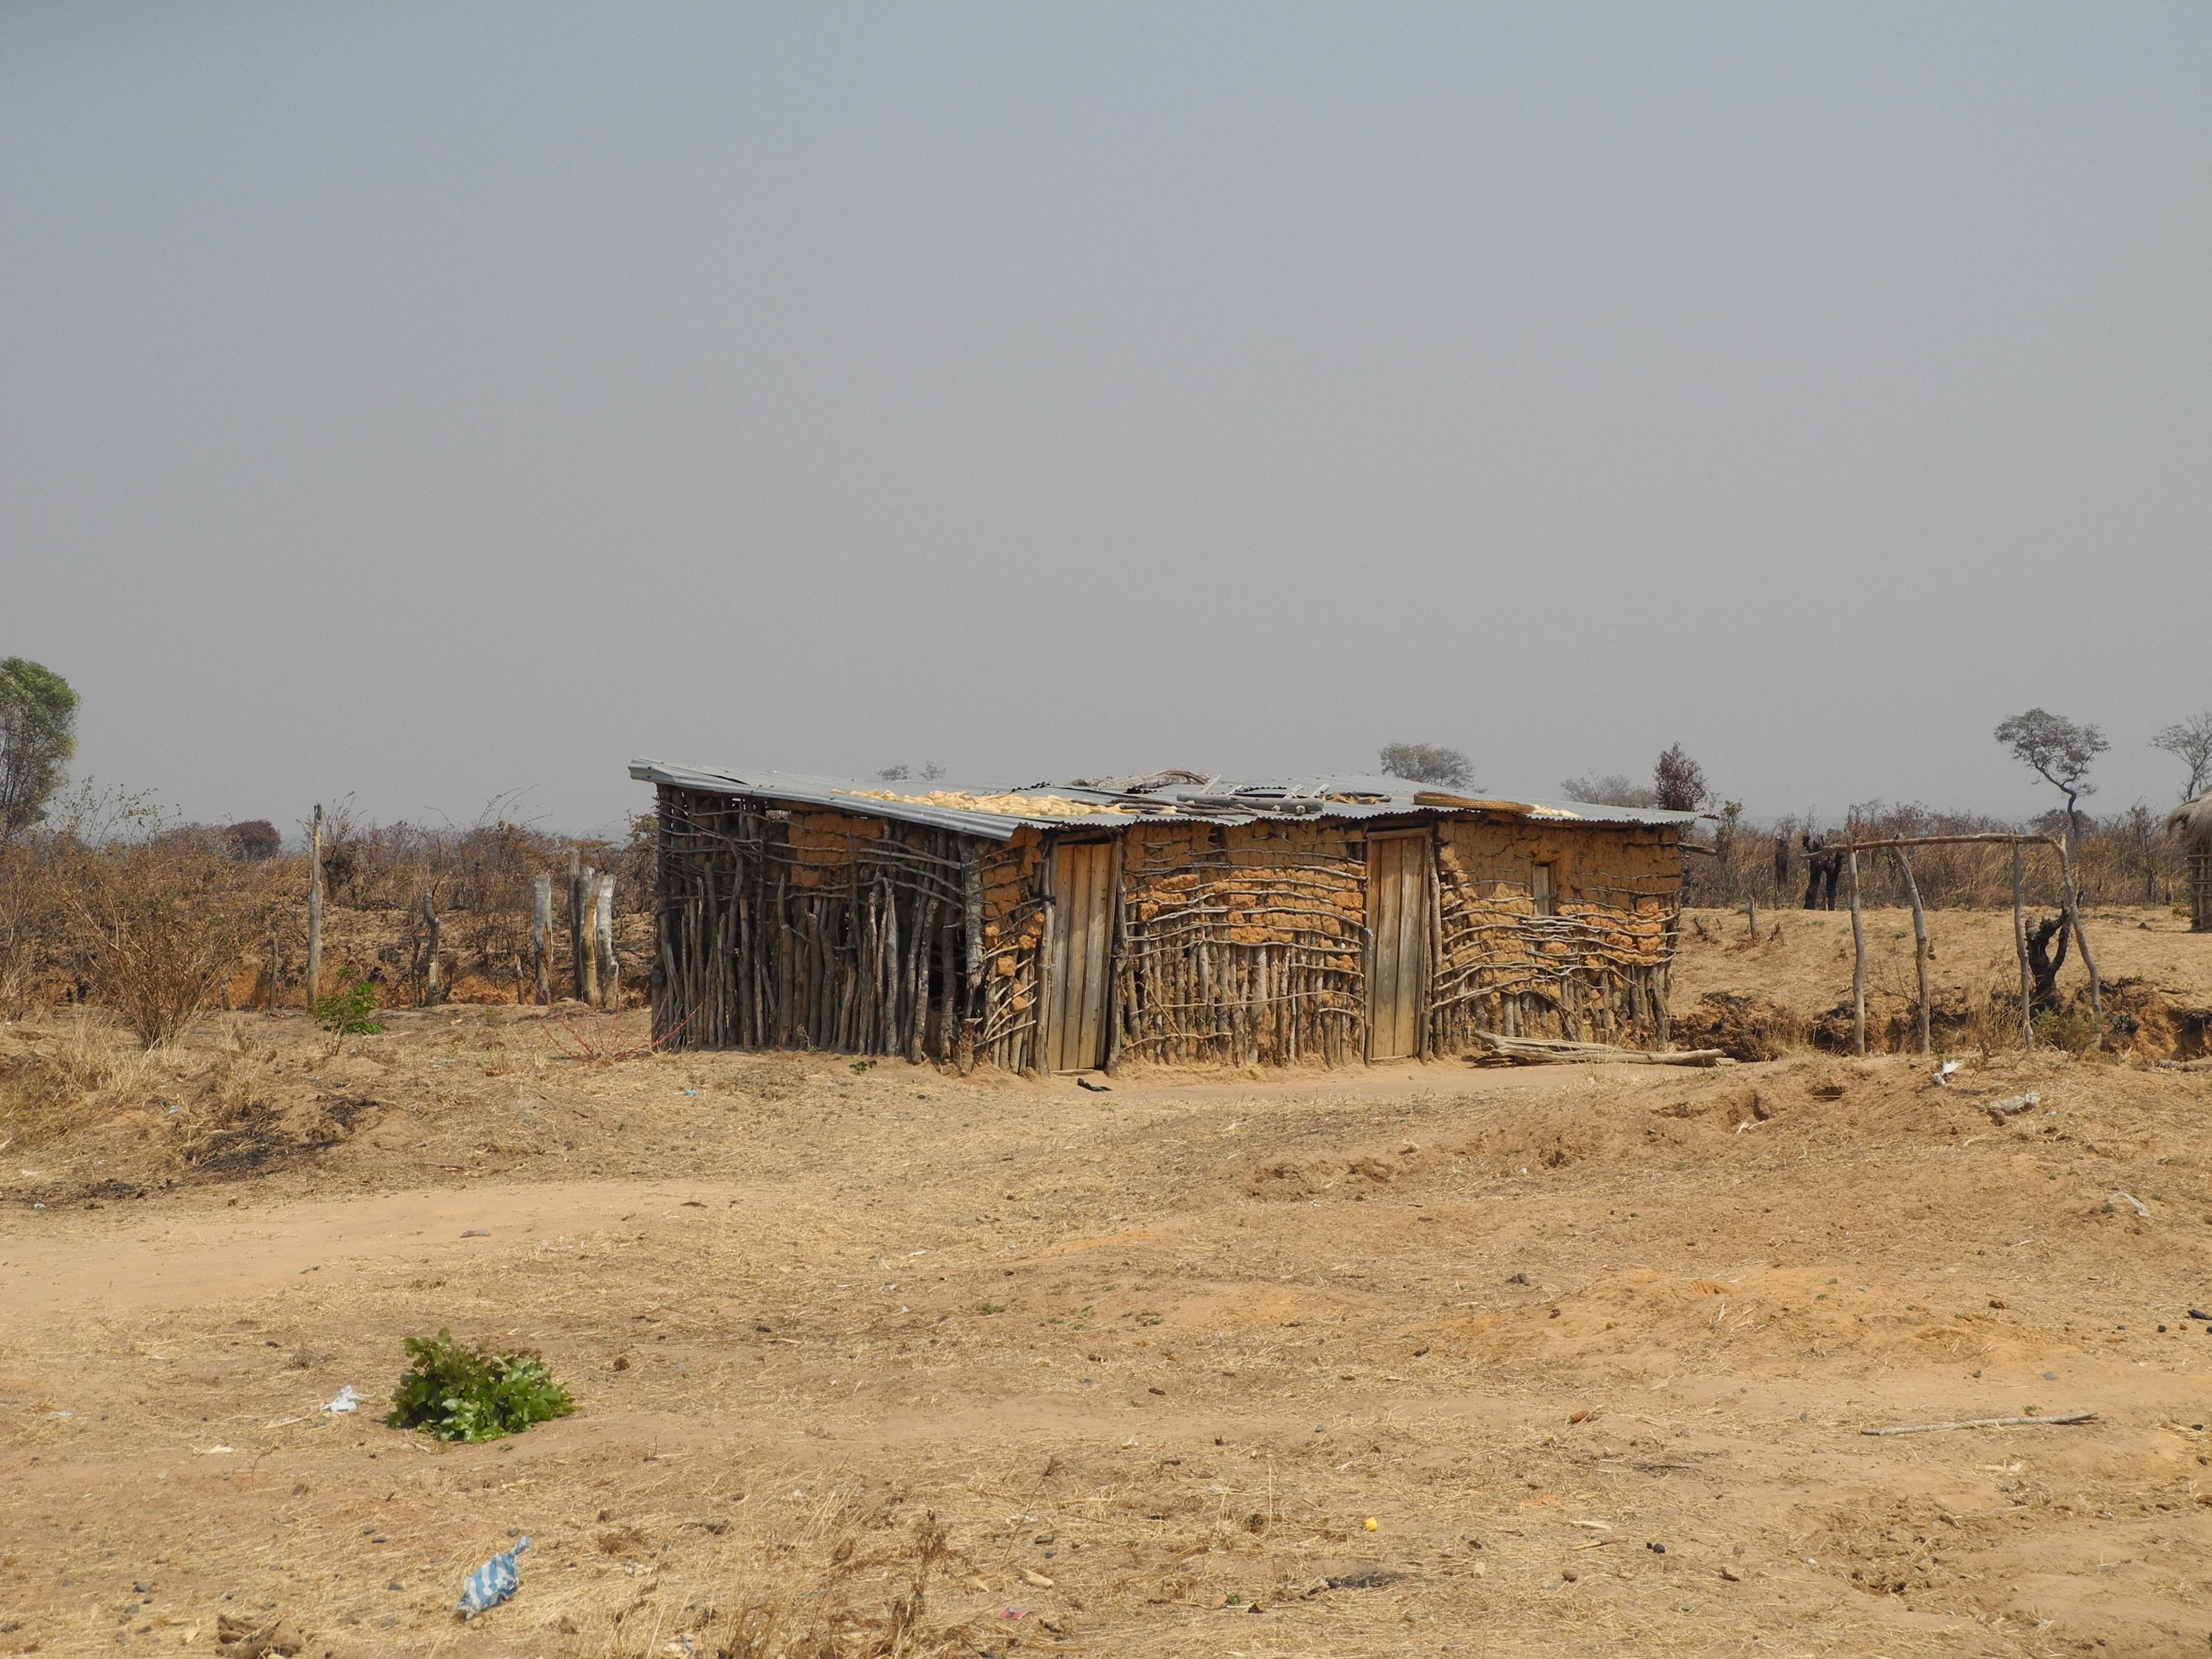 Plano director municipal de chitembo angola DSCN4077